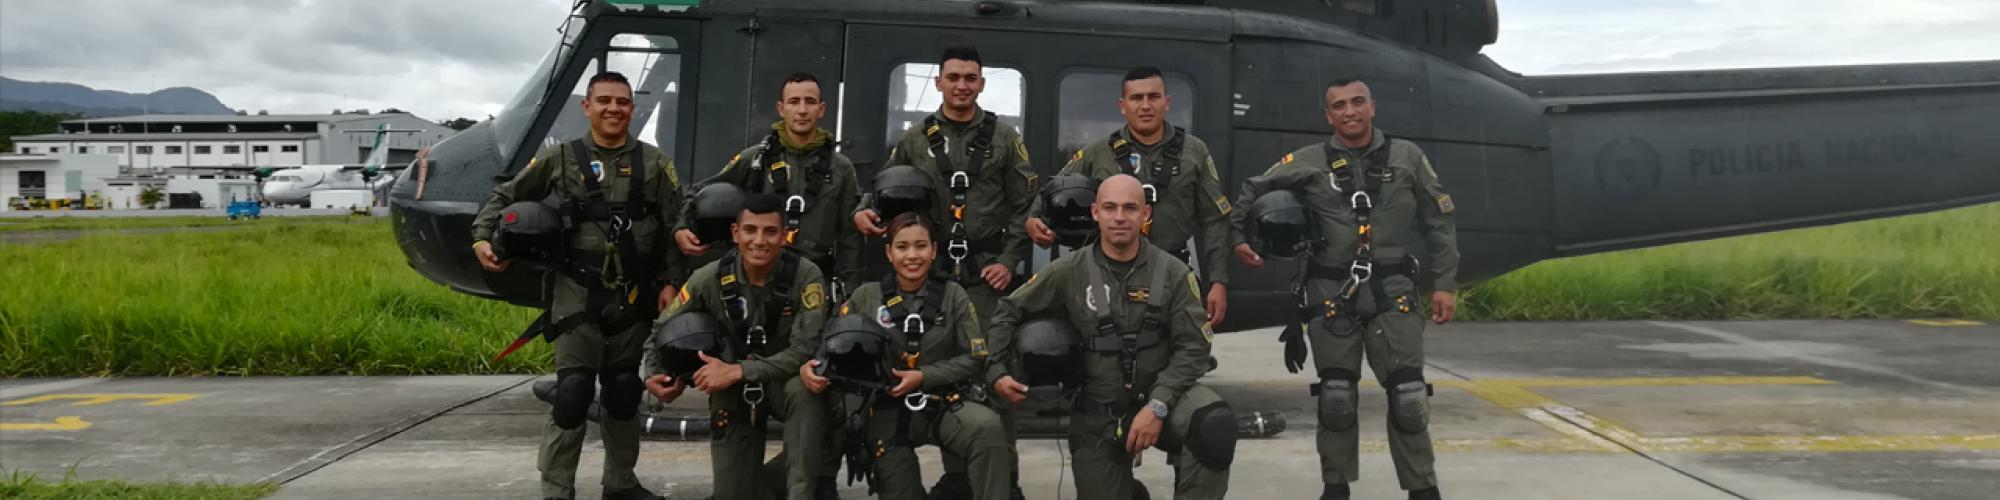 C-SAR Grupo Búsqueda y Salvamento